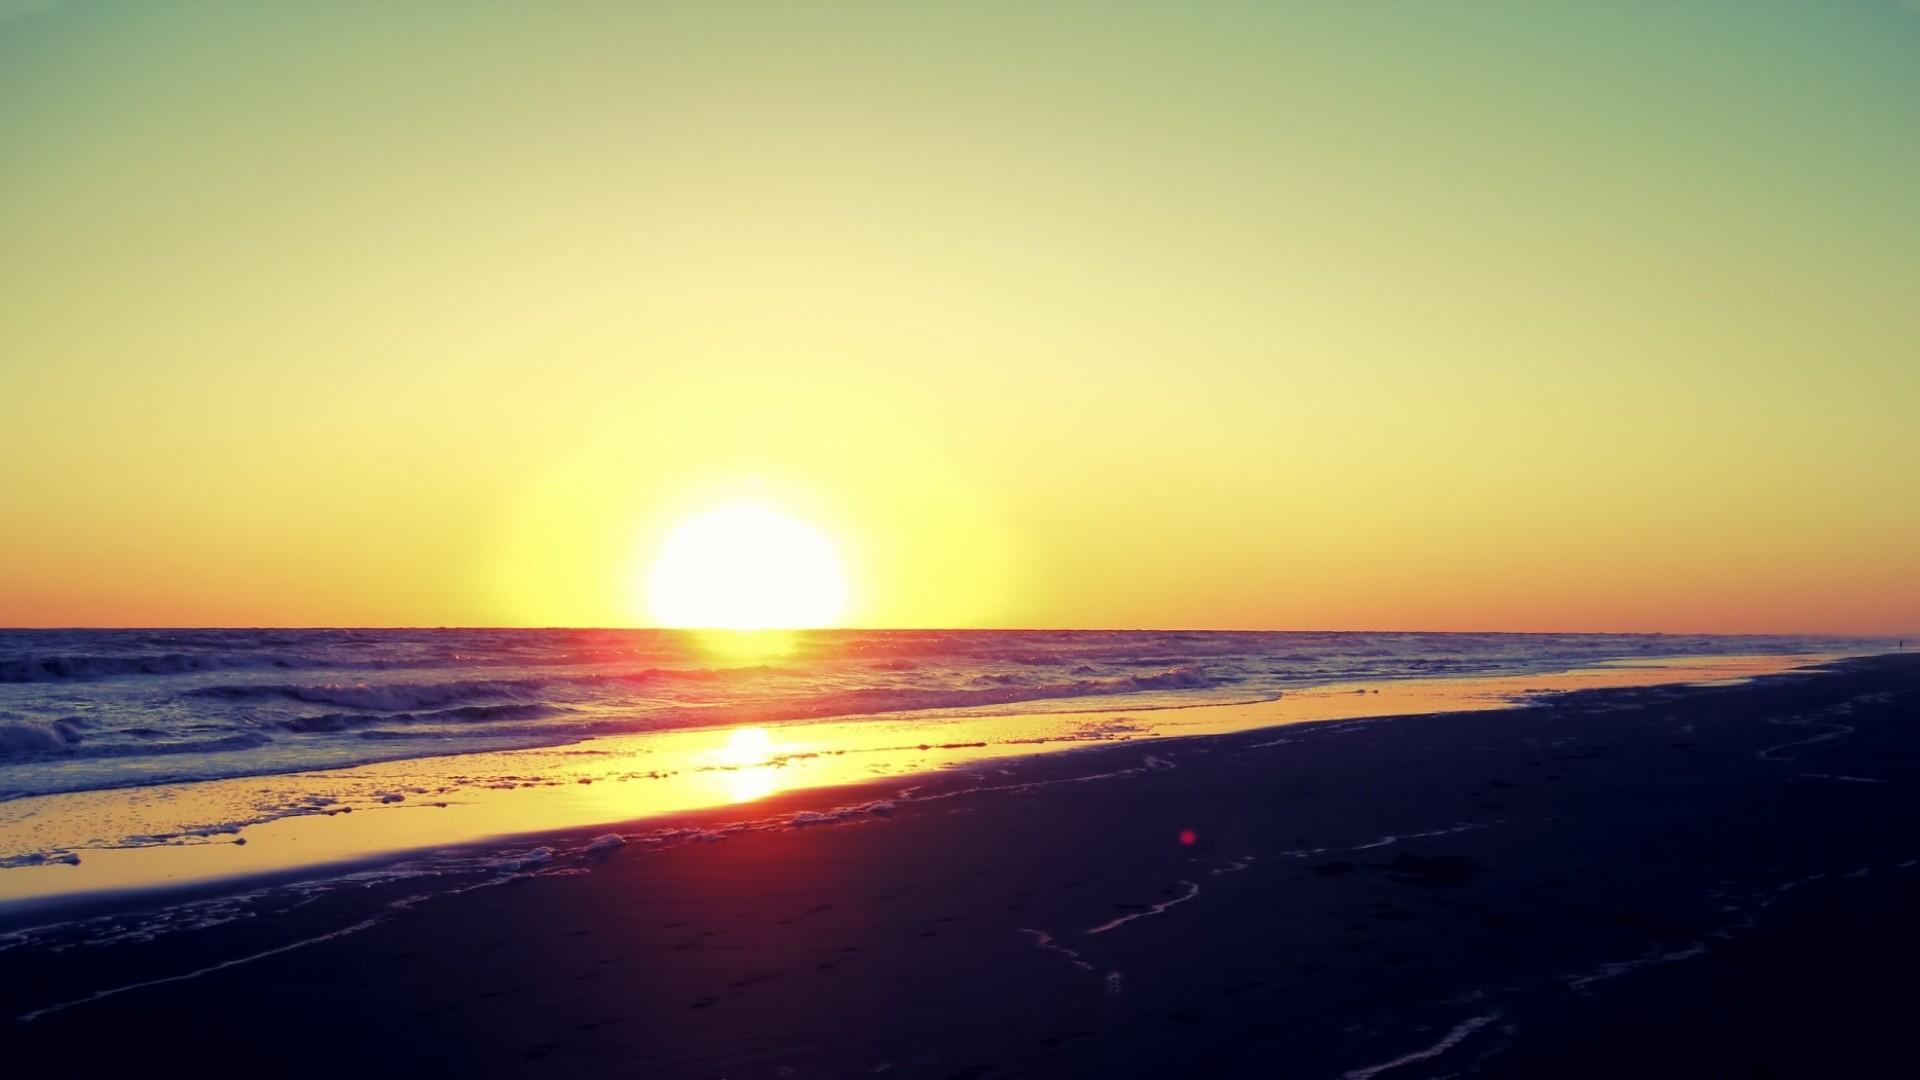 ... : http://www.nexus-wallpaper.com/wallpaper/landscape/sunset-on-beach